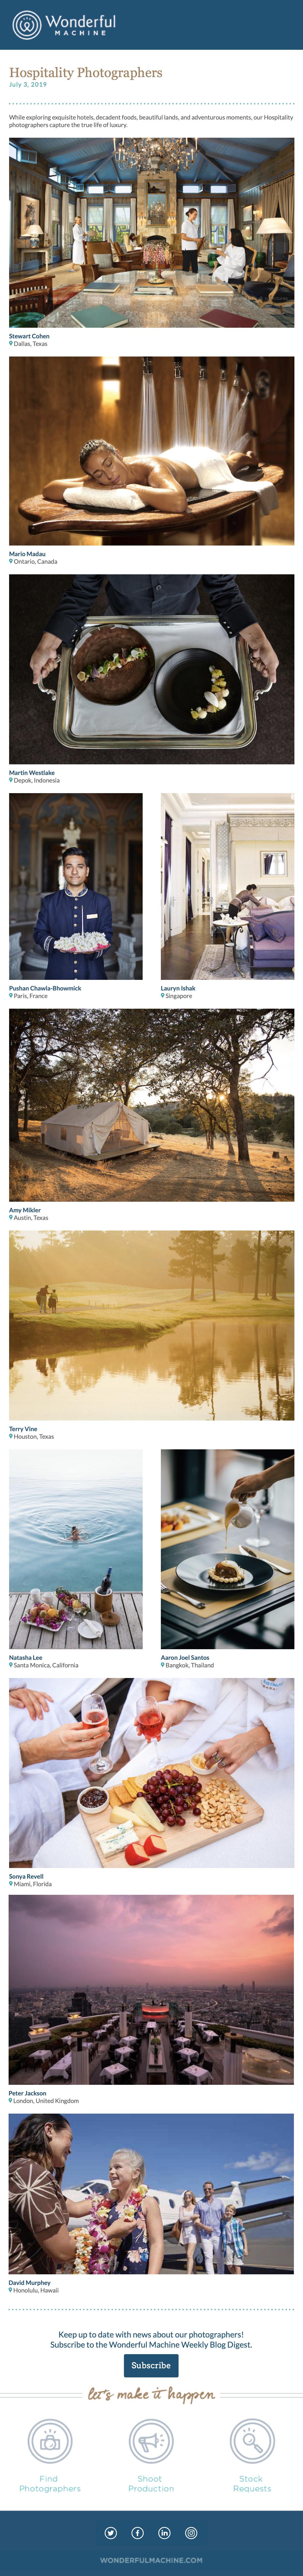 Hospitality Photography Email Marketing